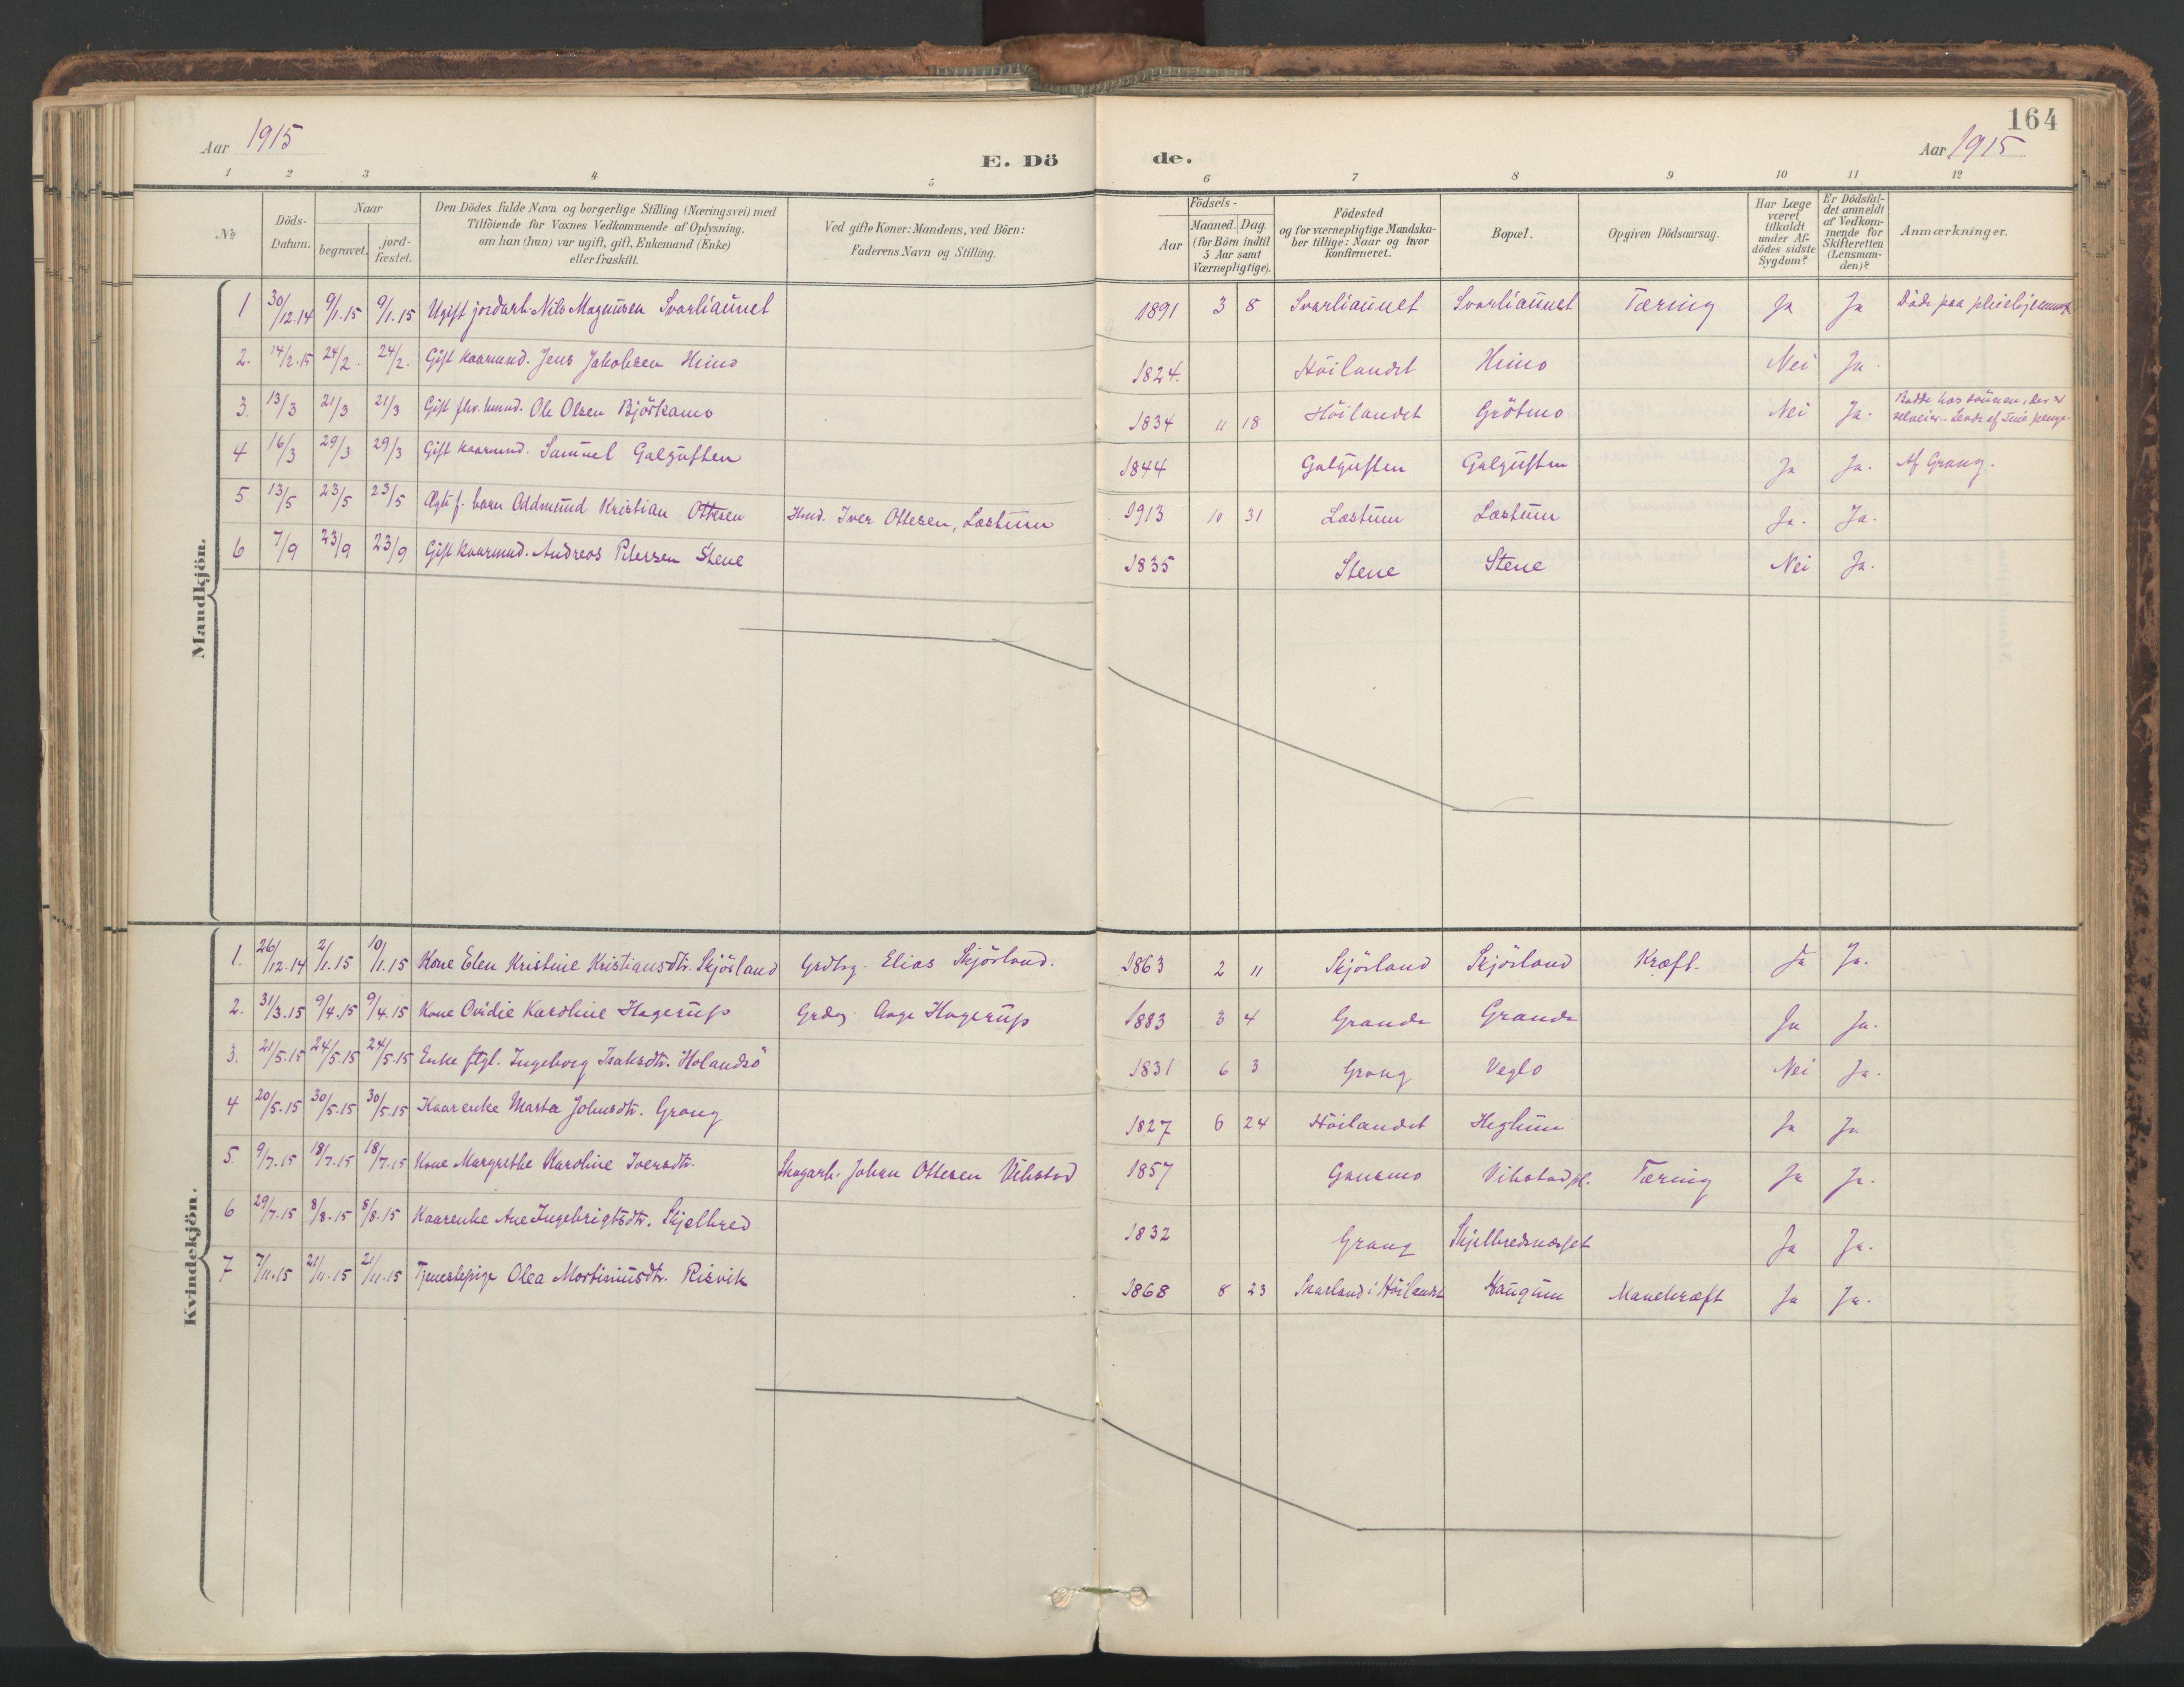 SAT, Ministerialprotokoller, klokkerbøker og fødselsregistre - Nord-Trøndelag, 764/L0556: Ministerialbok nr. 764A11, 1897-1924, s. 164